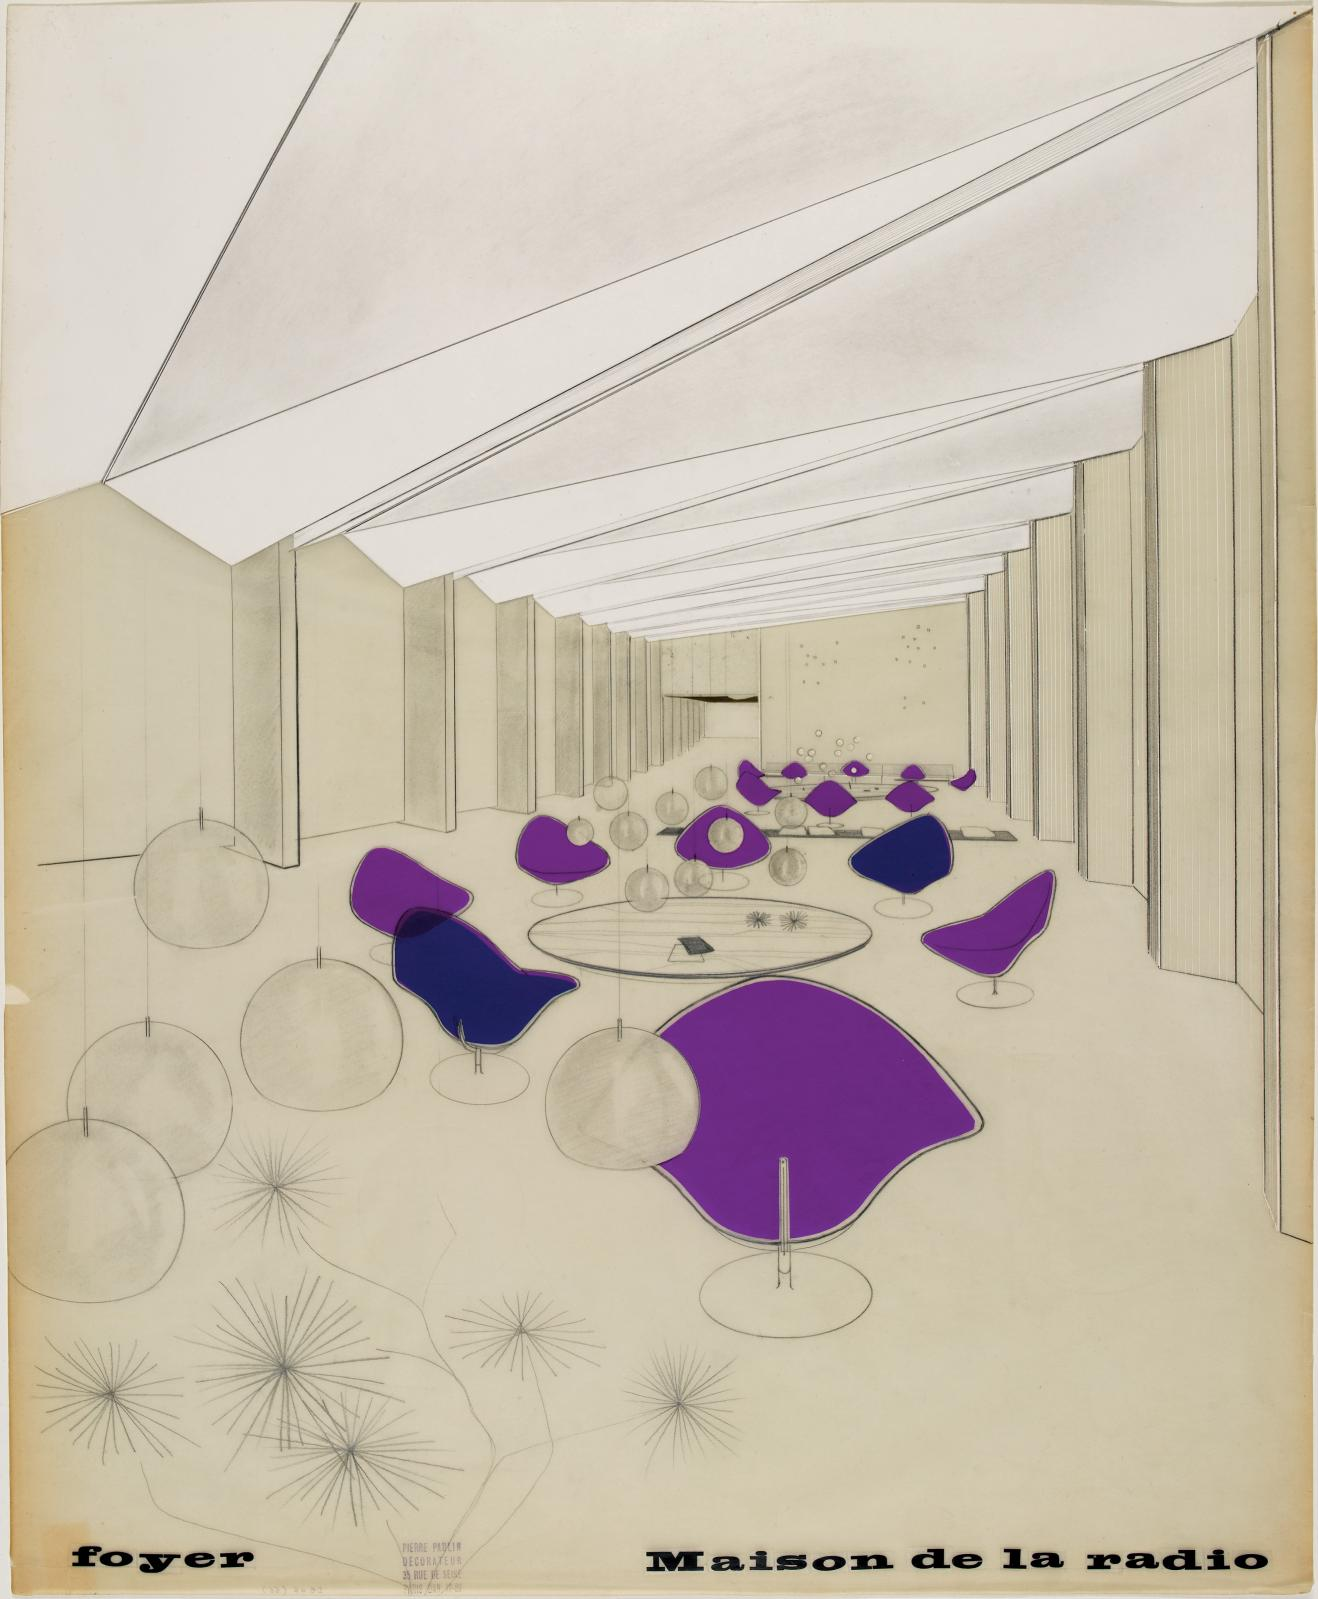 Pierre Paulin, Foyer des artistes de la Maison de la Radio, vue perspective, 1961, crayon, transfert couleur et collage de carton sur calque, don de M